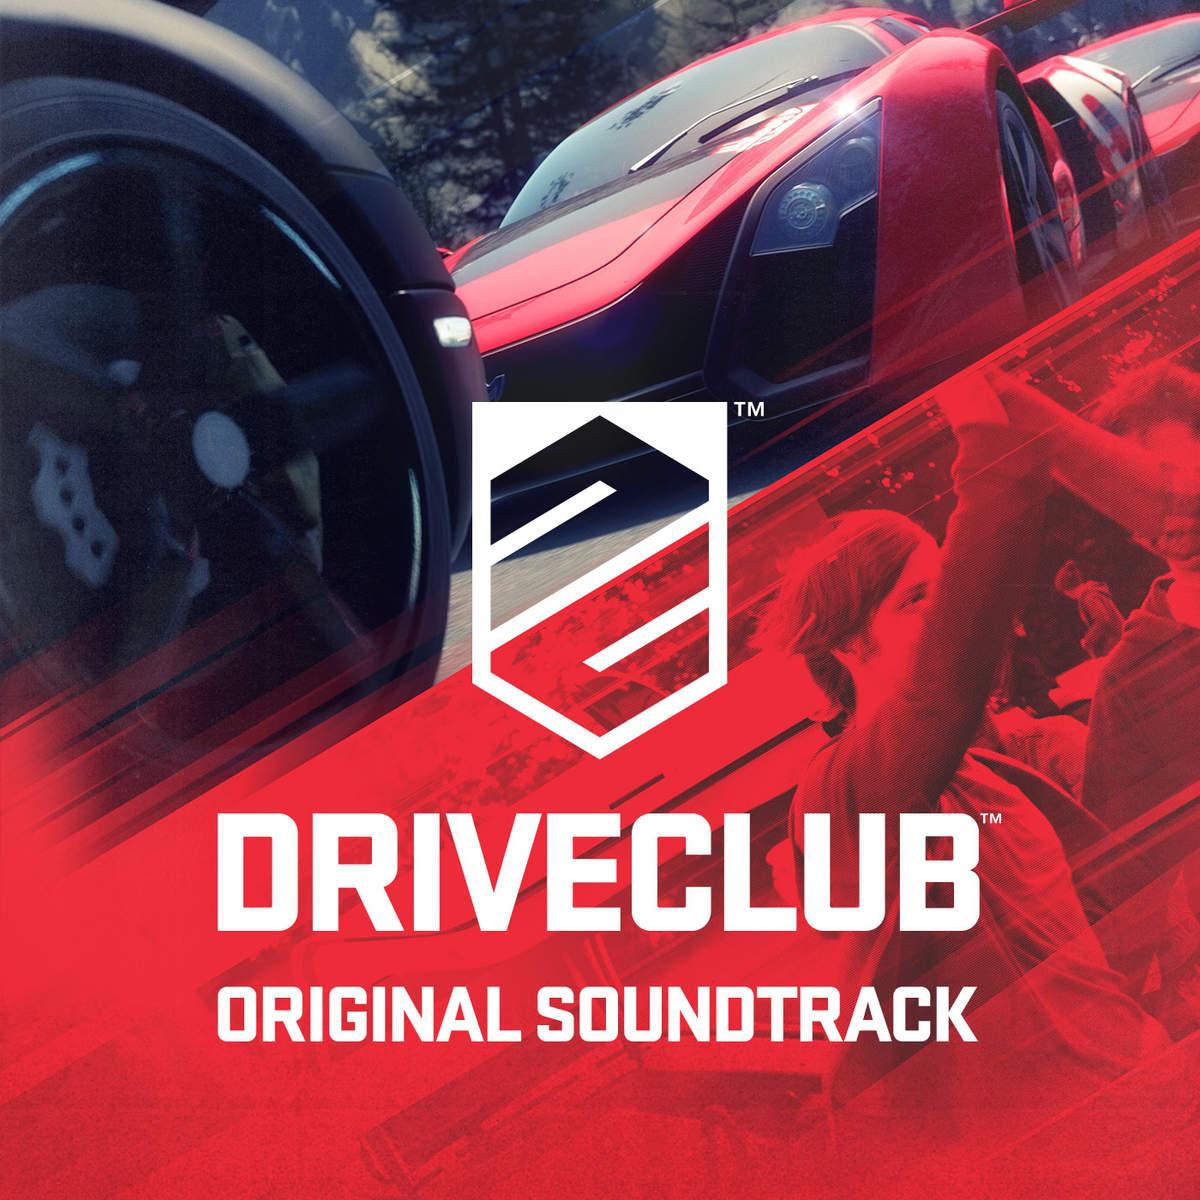 Driveclub_Original_Soundtrack__cover1200x1200.jpeg